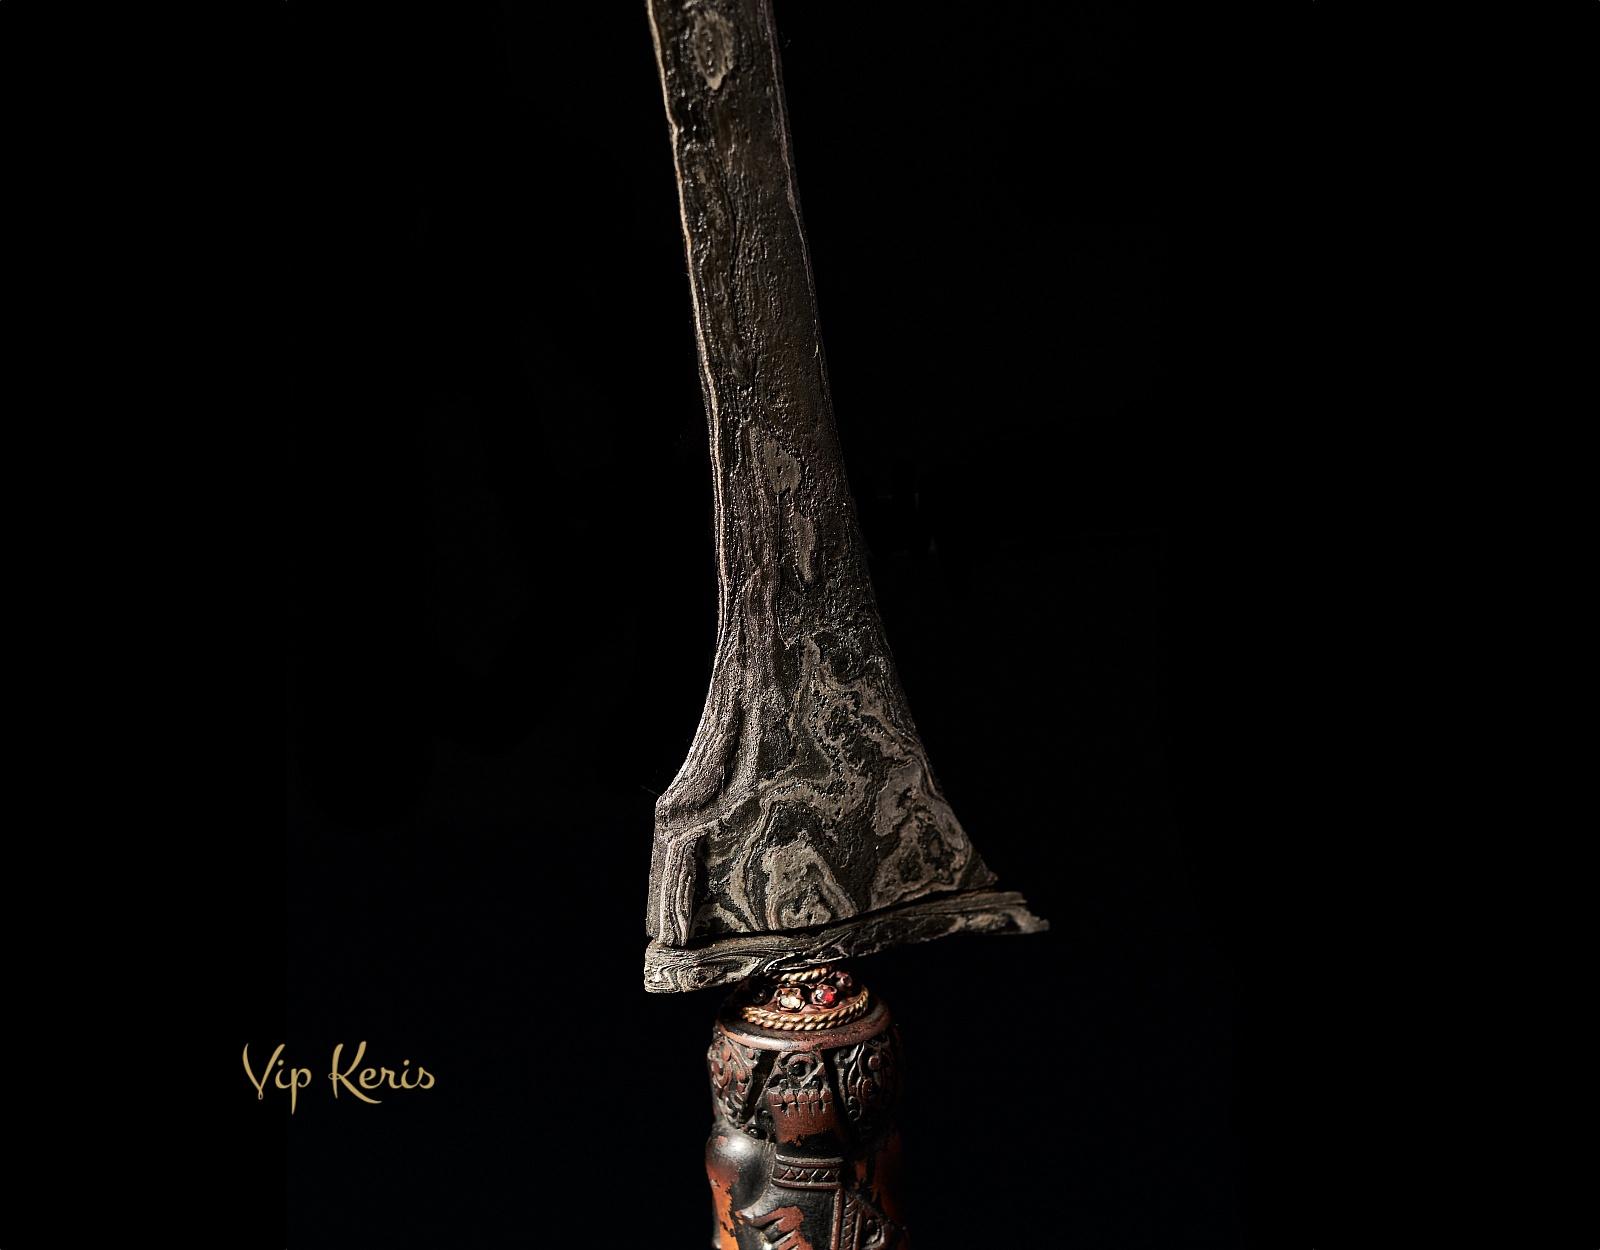 Суматранский Крис Tilam Upih, Наставник фото VipKeris